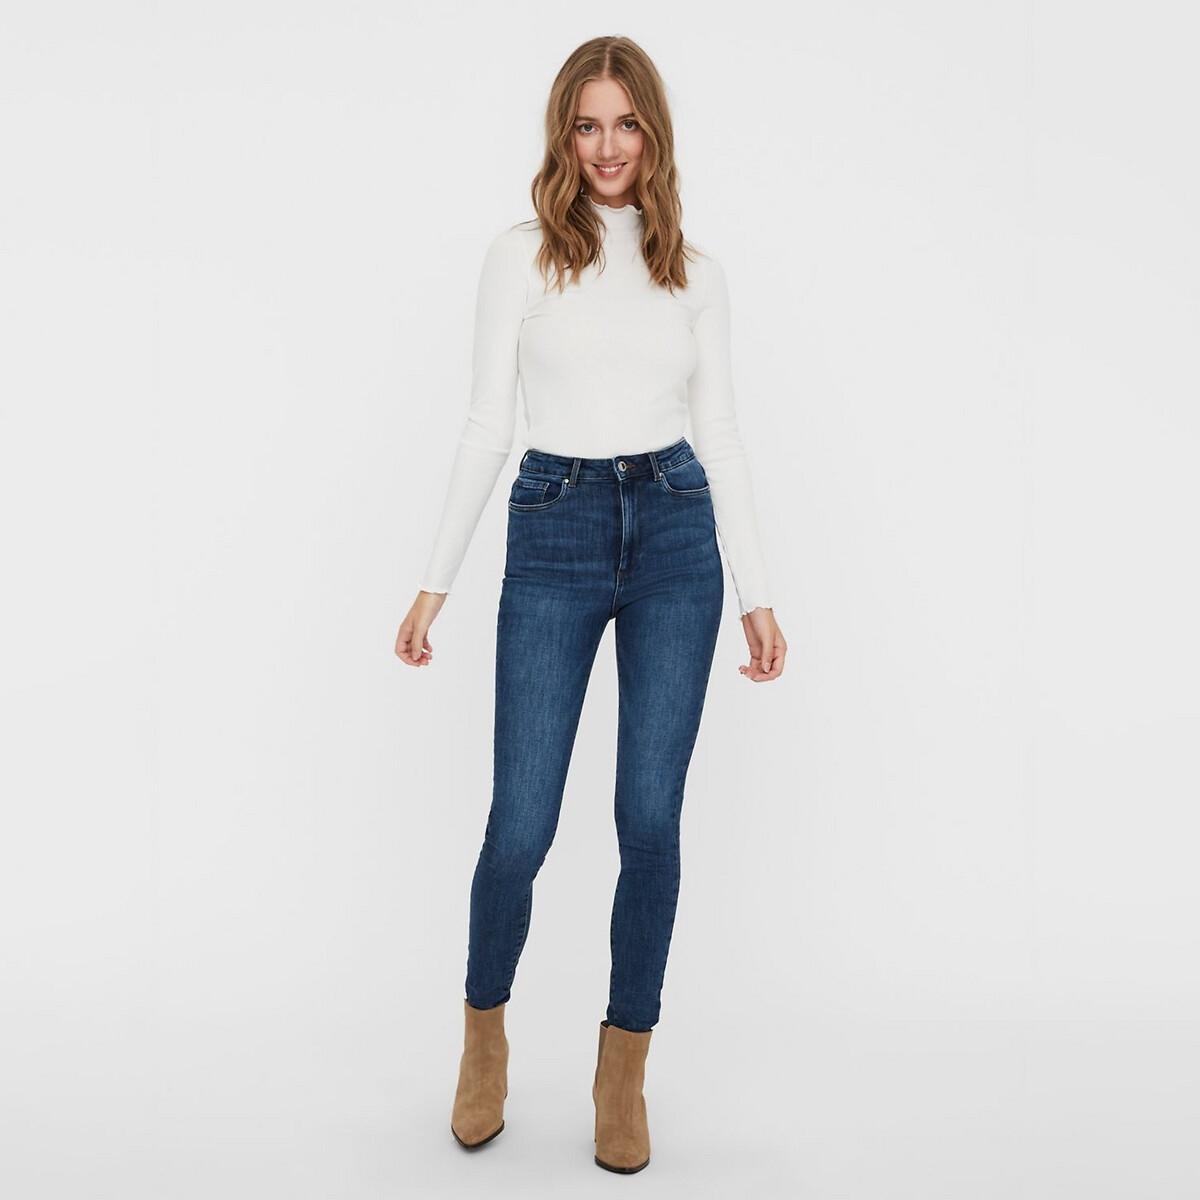 Фото - Джинсы-скинни LaRedoute Высокая талия длина 32 S синий джинсы laredoute скинни длина 30 s черный